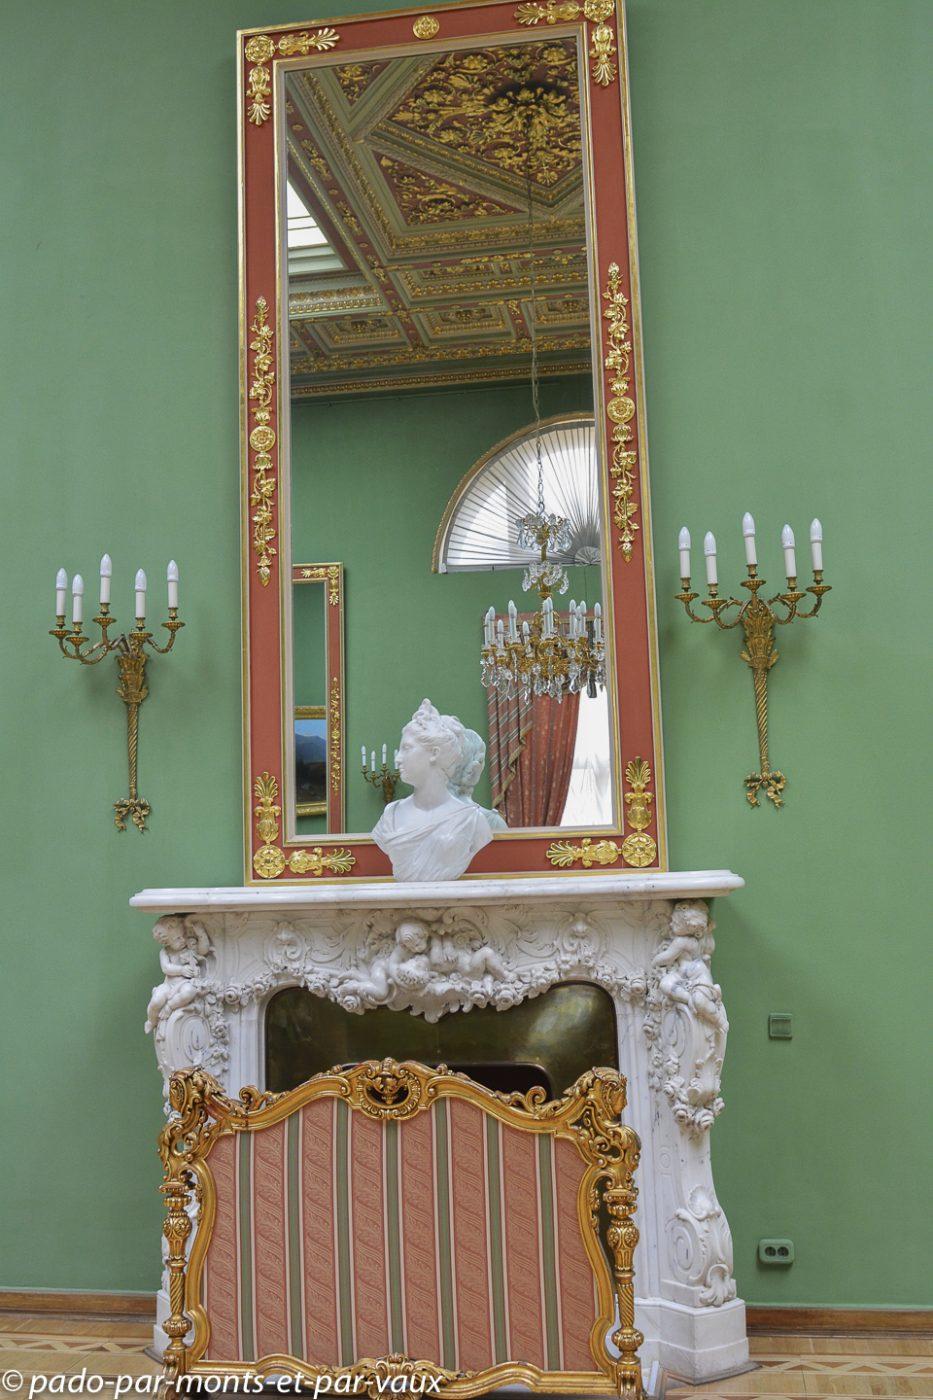 Saint Pétersbourg - Palais Youssoupov